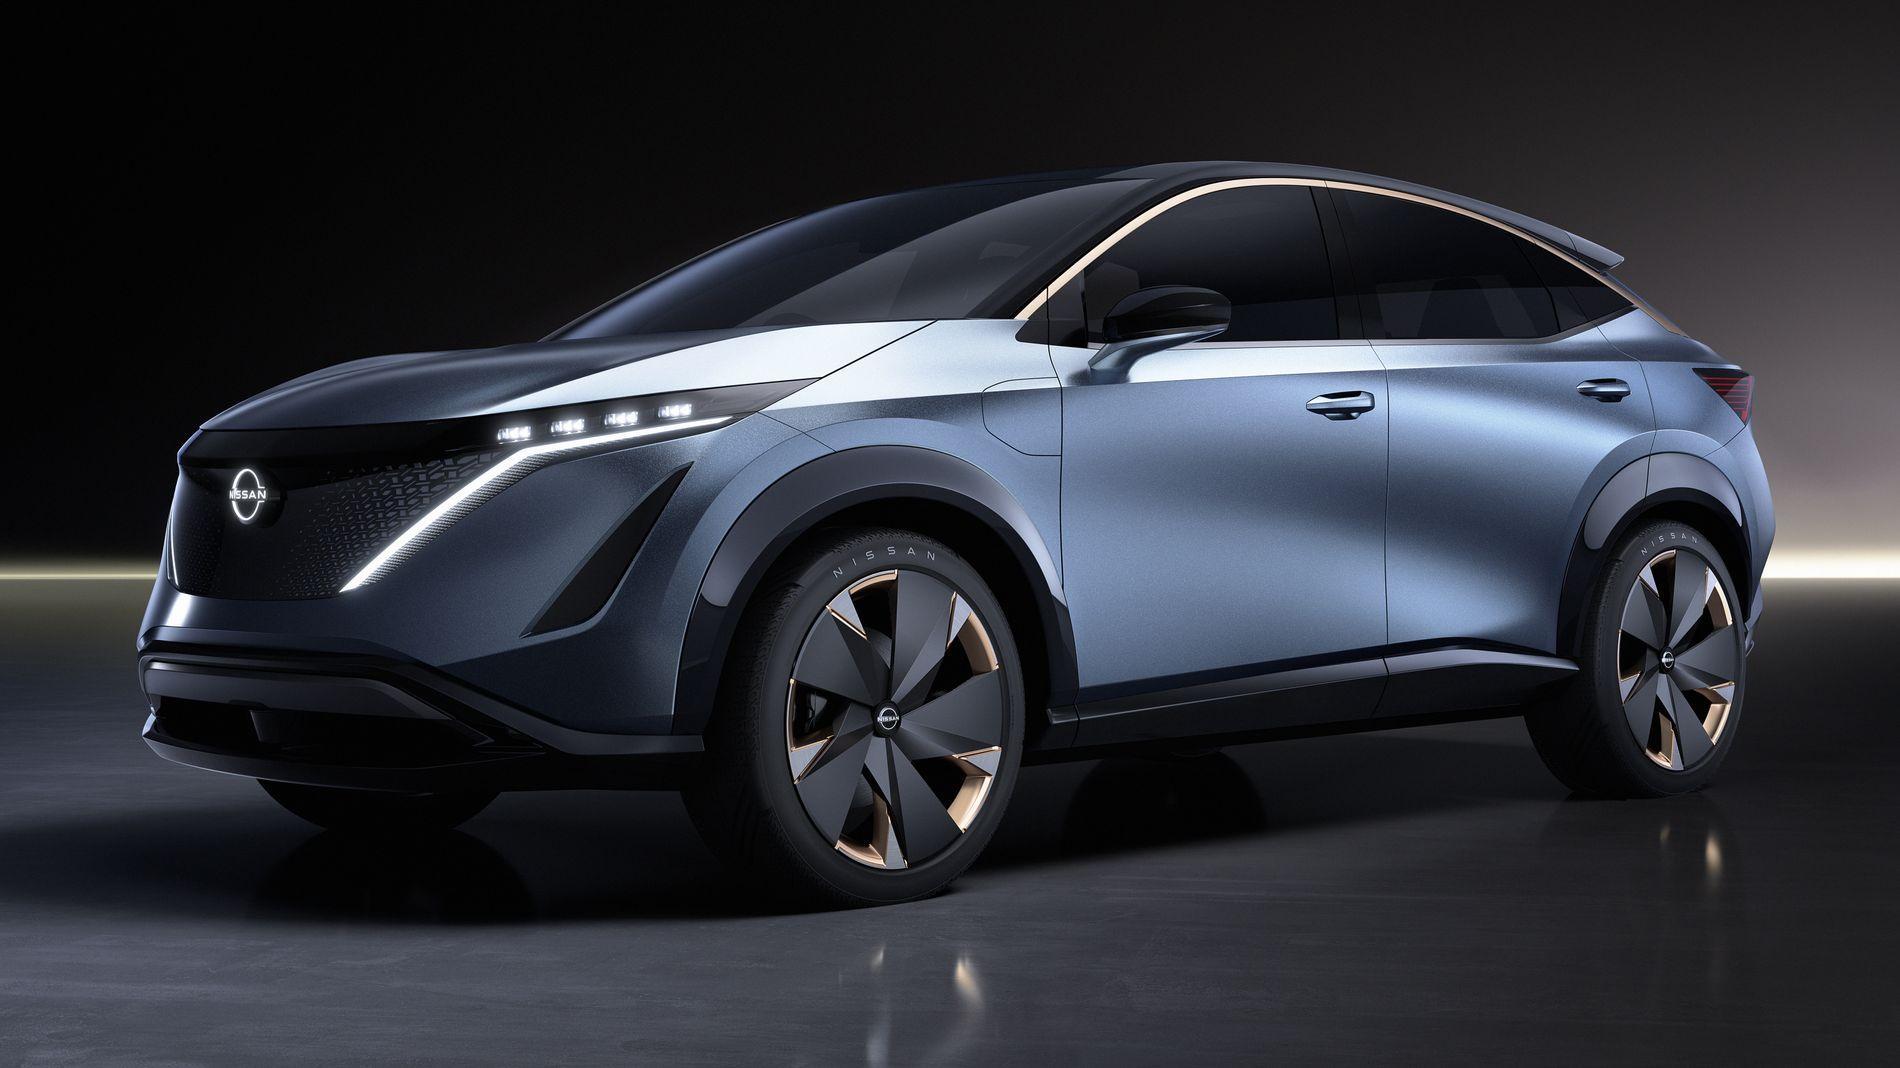 Nissan sier de vil ha verdens mest avanserte selvkjøring neste år